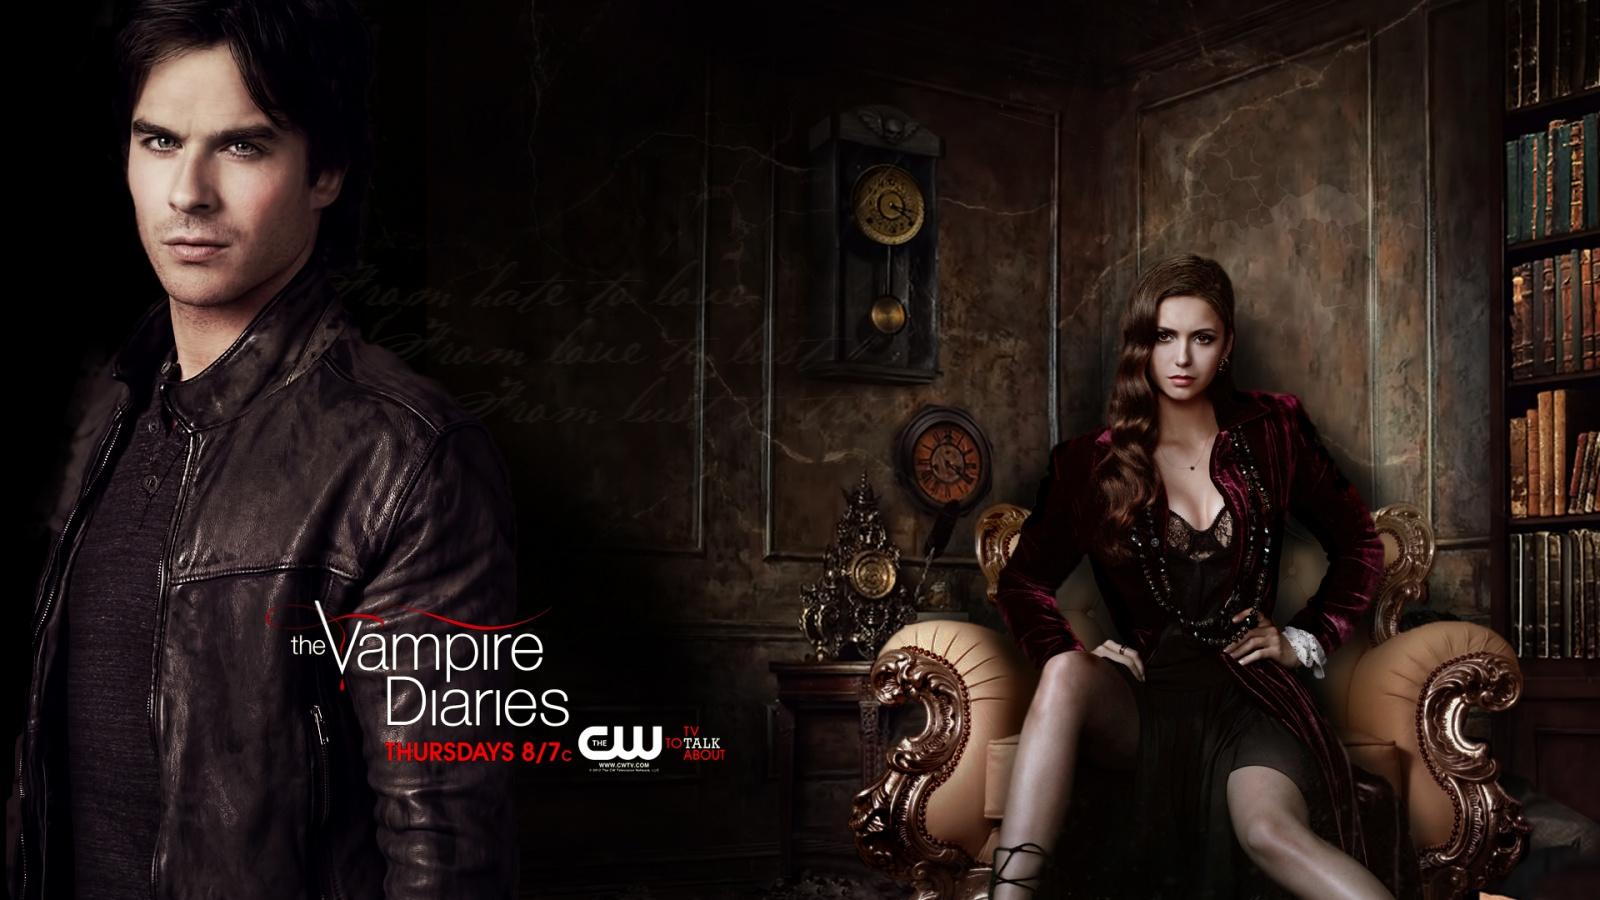 Nh?t K� Ma C� R?ng 4 - The Vampire Diaries Season 4